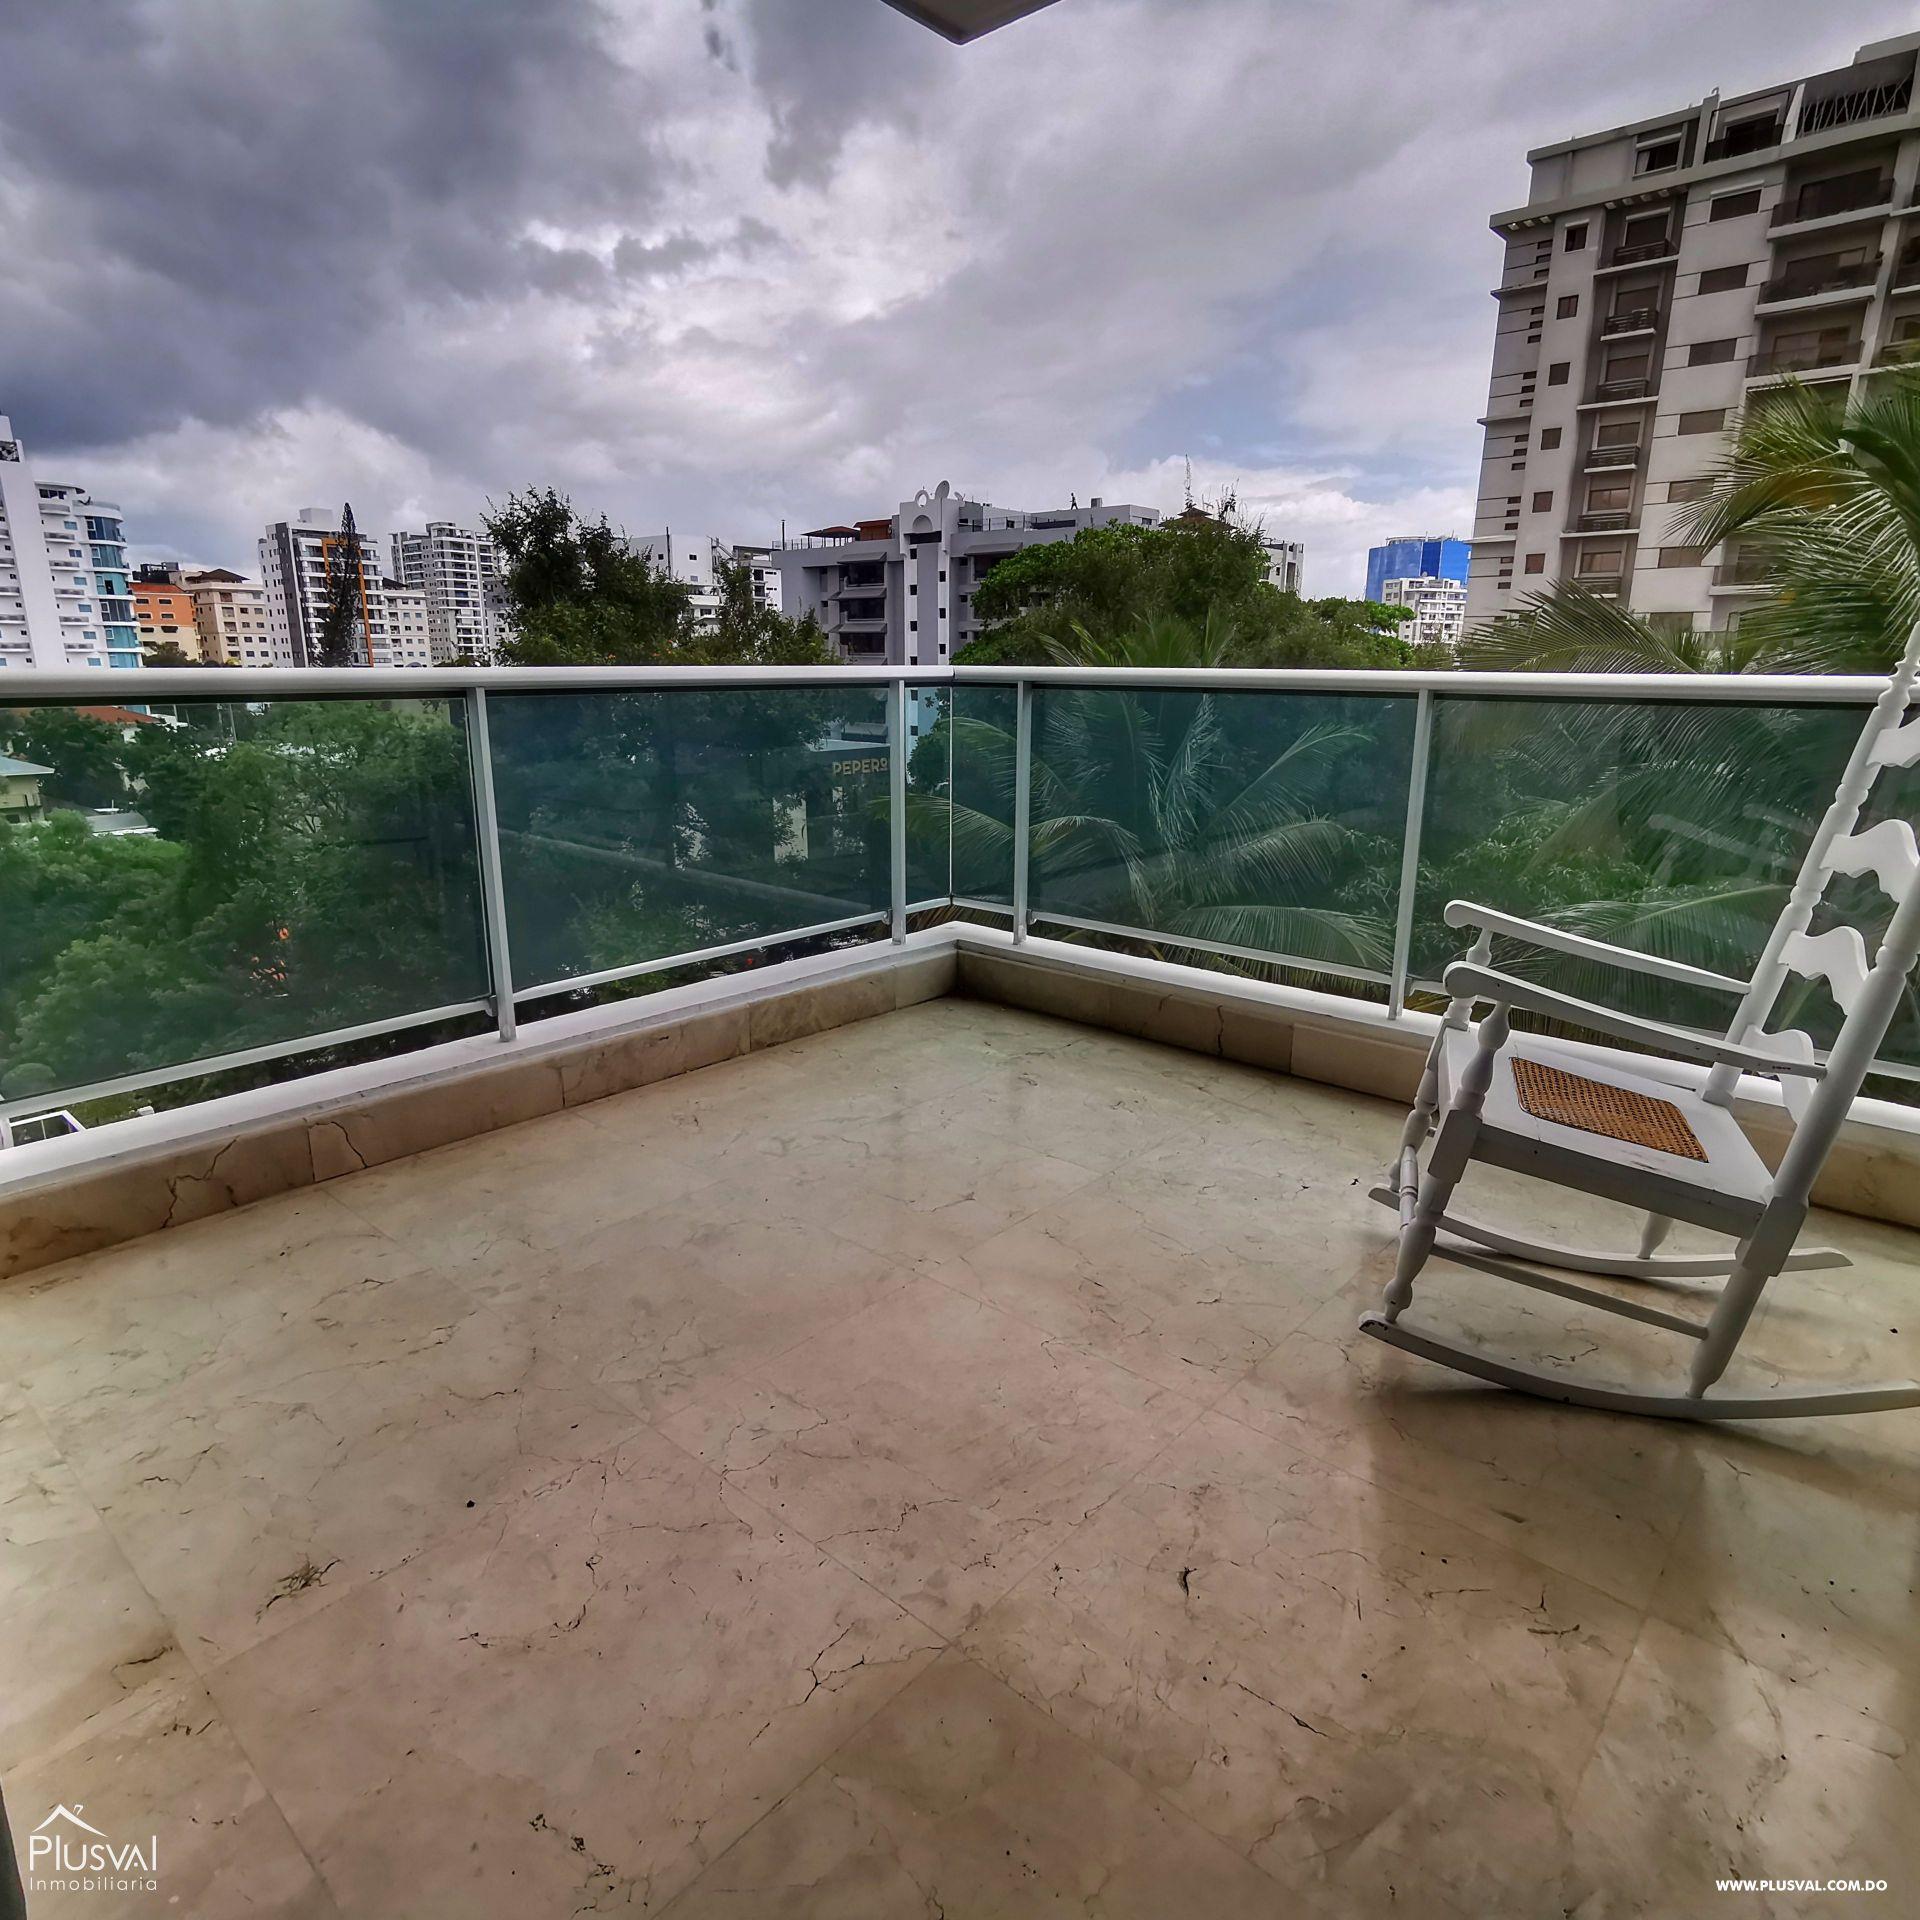 Venta Apartamento de Lujo en Piantini - 245 mts2 con Lobby, Piscina, Gym, spa